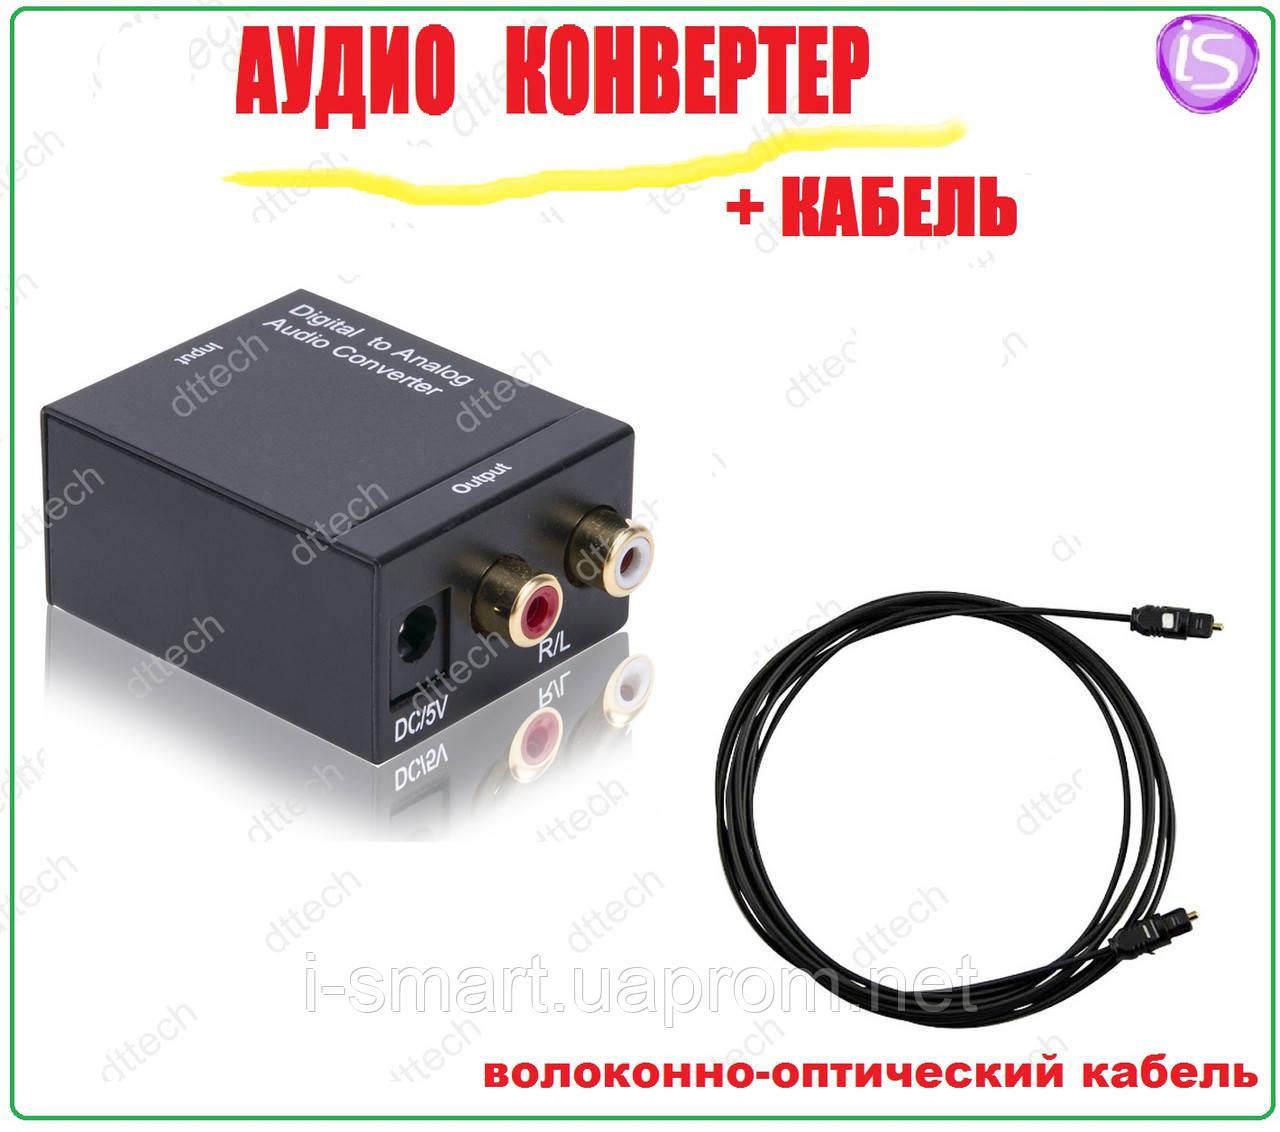 Конвертер оптического (цифрового) сигнала в аналоговый аудио сигнал